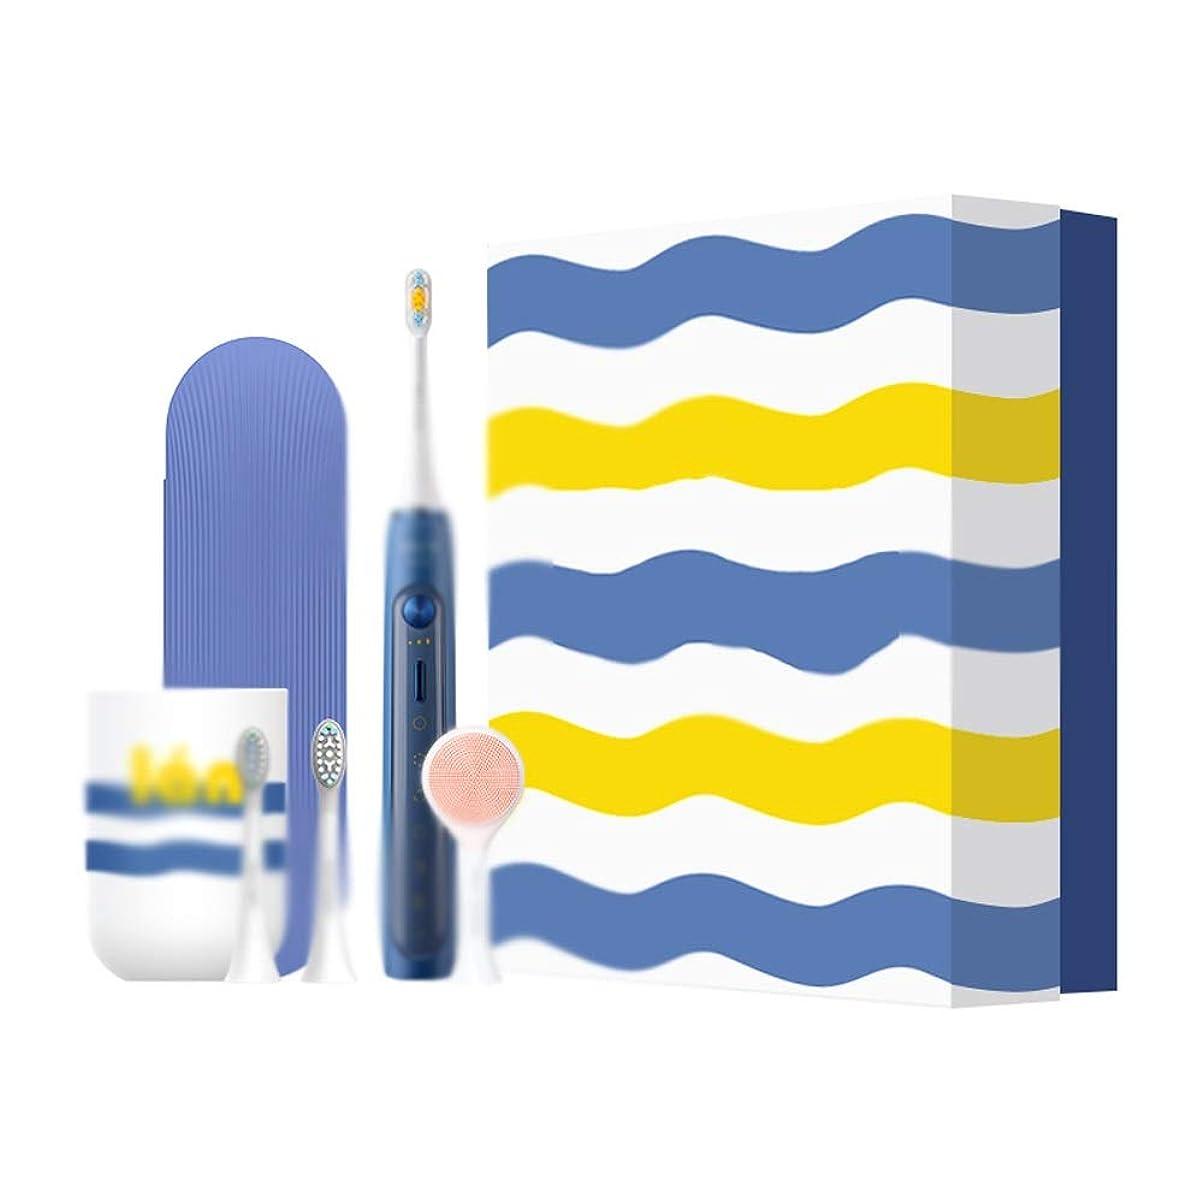 有用ヒープはぁJia Xing 電動歯ブラシインテリジェントホワイトニング誘導充電式自動防水トラベルギフトボックス化電動歯ブラシヘッド超音波 電動歯ブラシ (Color : Blue)